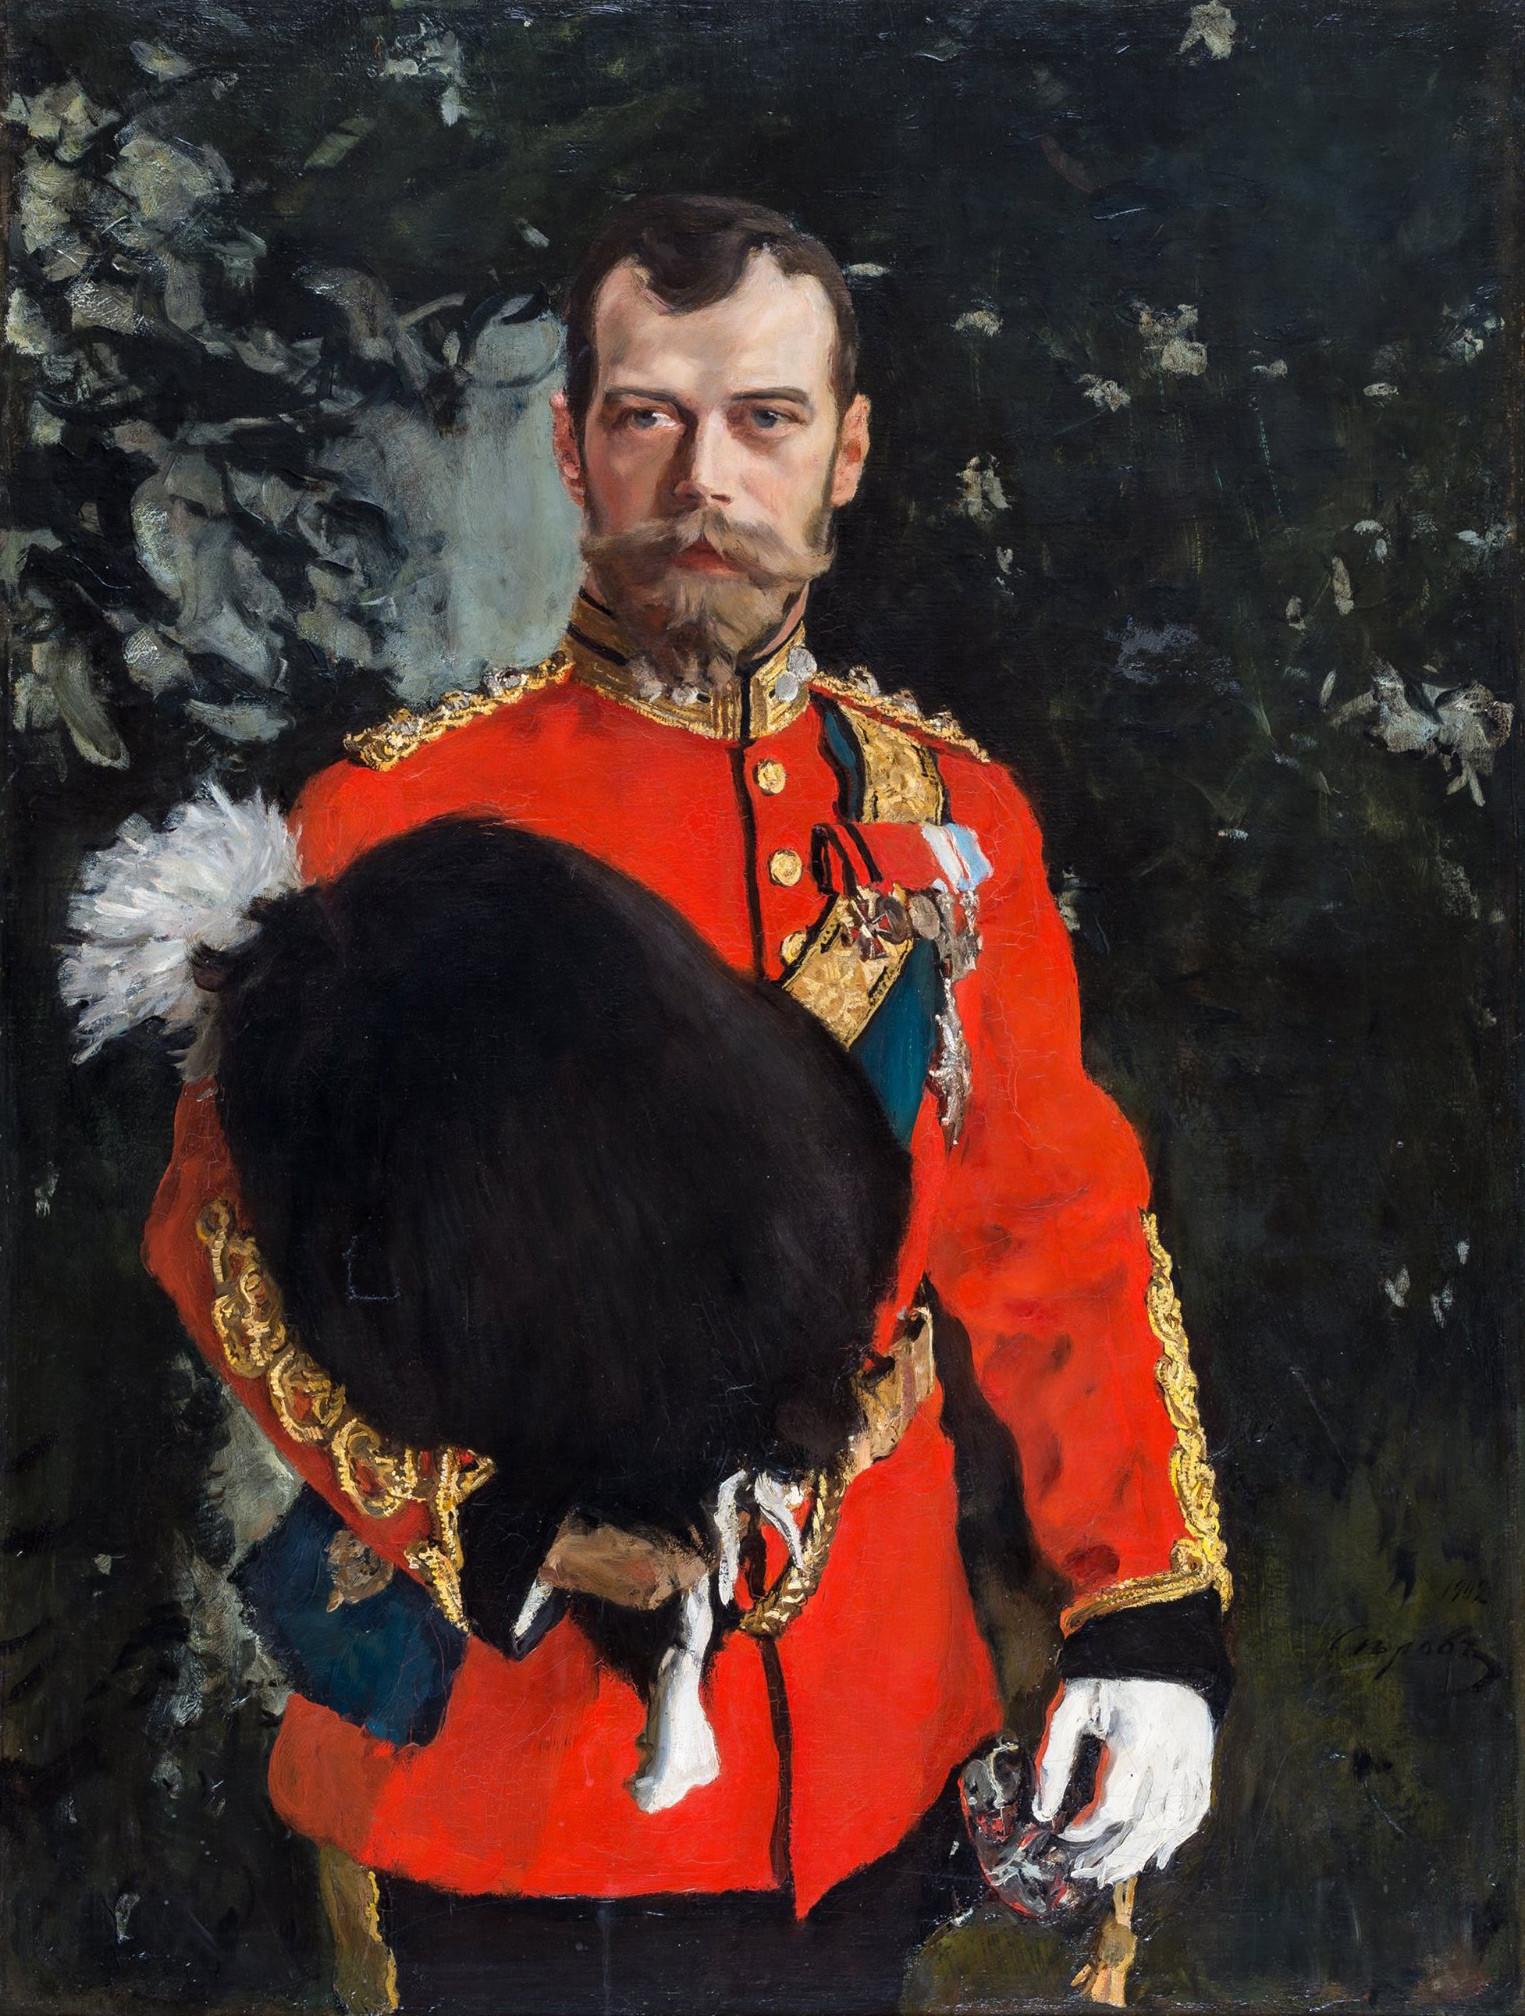 ニコライ2世は1894年に、英ヴィクトリア女王の孫娘、アレクサンドラ・フョードロヴナと結婚した際に、歴戦の精鋭部隊、ロイヤル・スコッツ・グレイズ(第2竜騎兵連隊)の第1カーネル・イン・チーフに任命された。